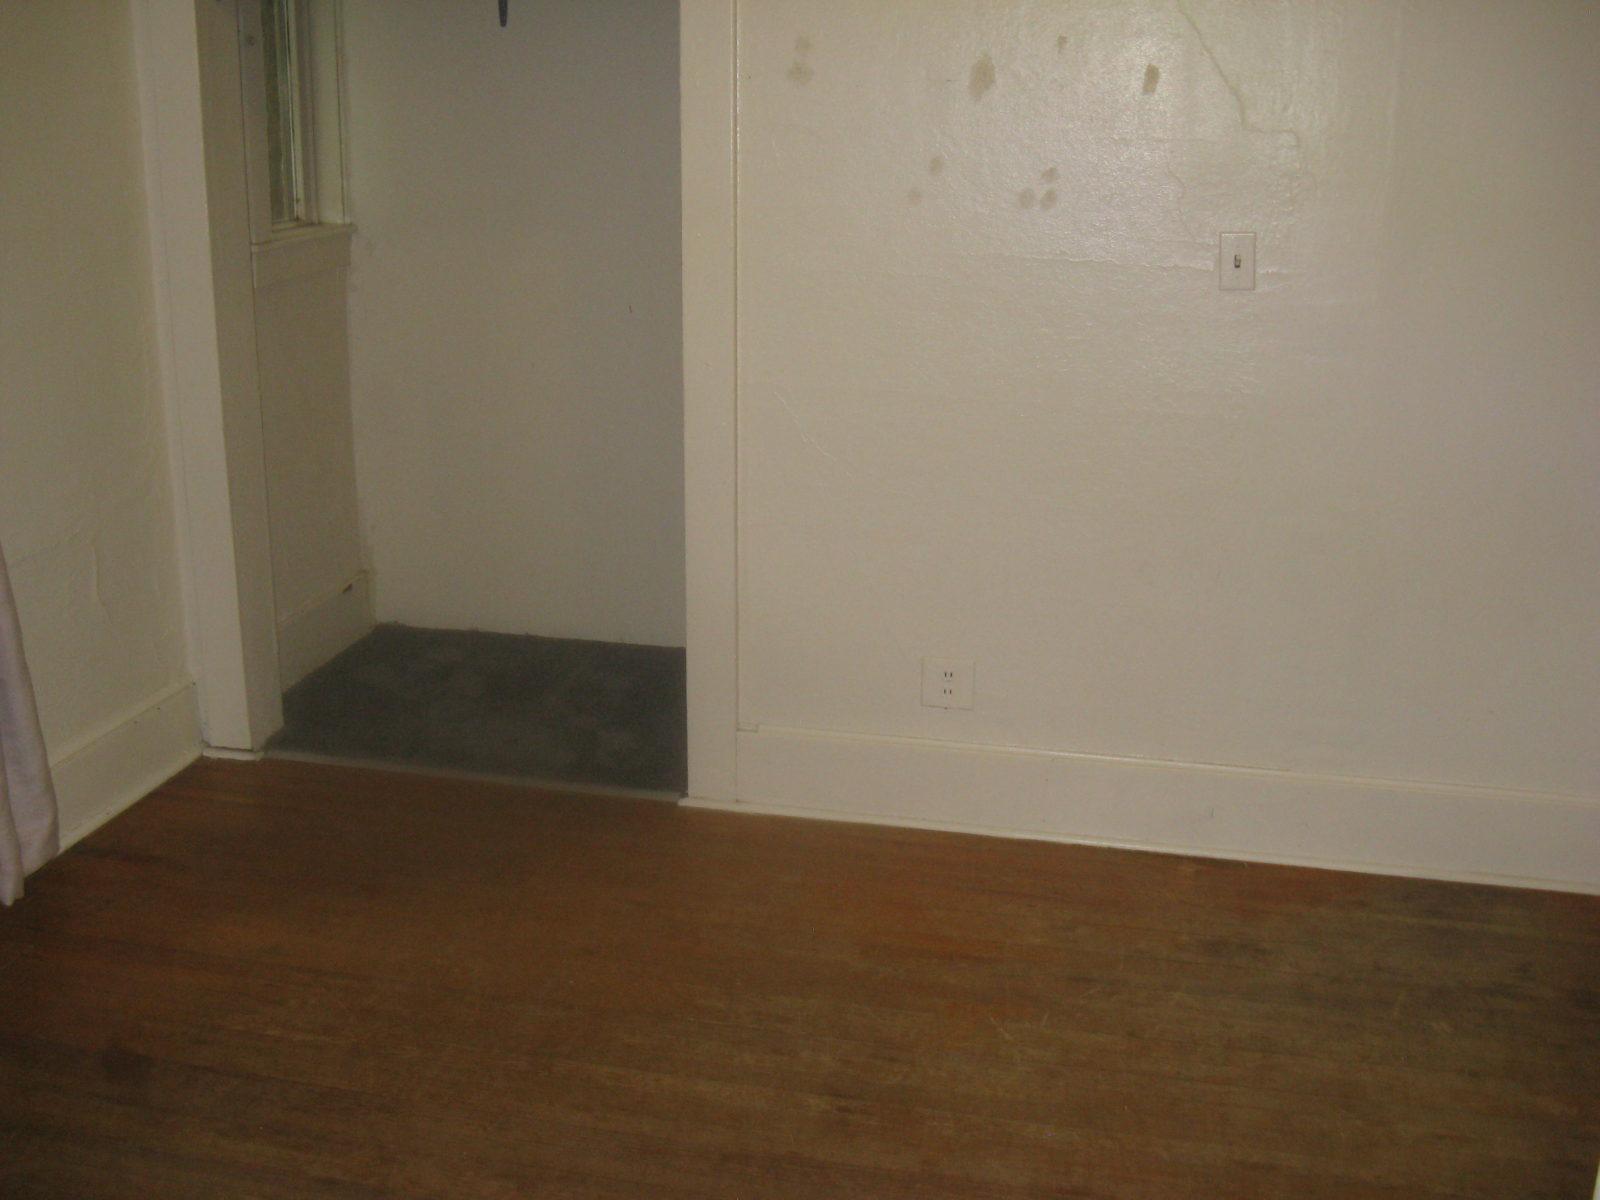 2473: Bedroom with Hardwoods